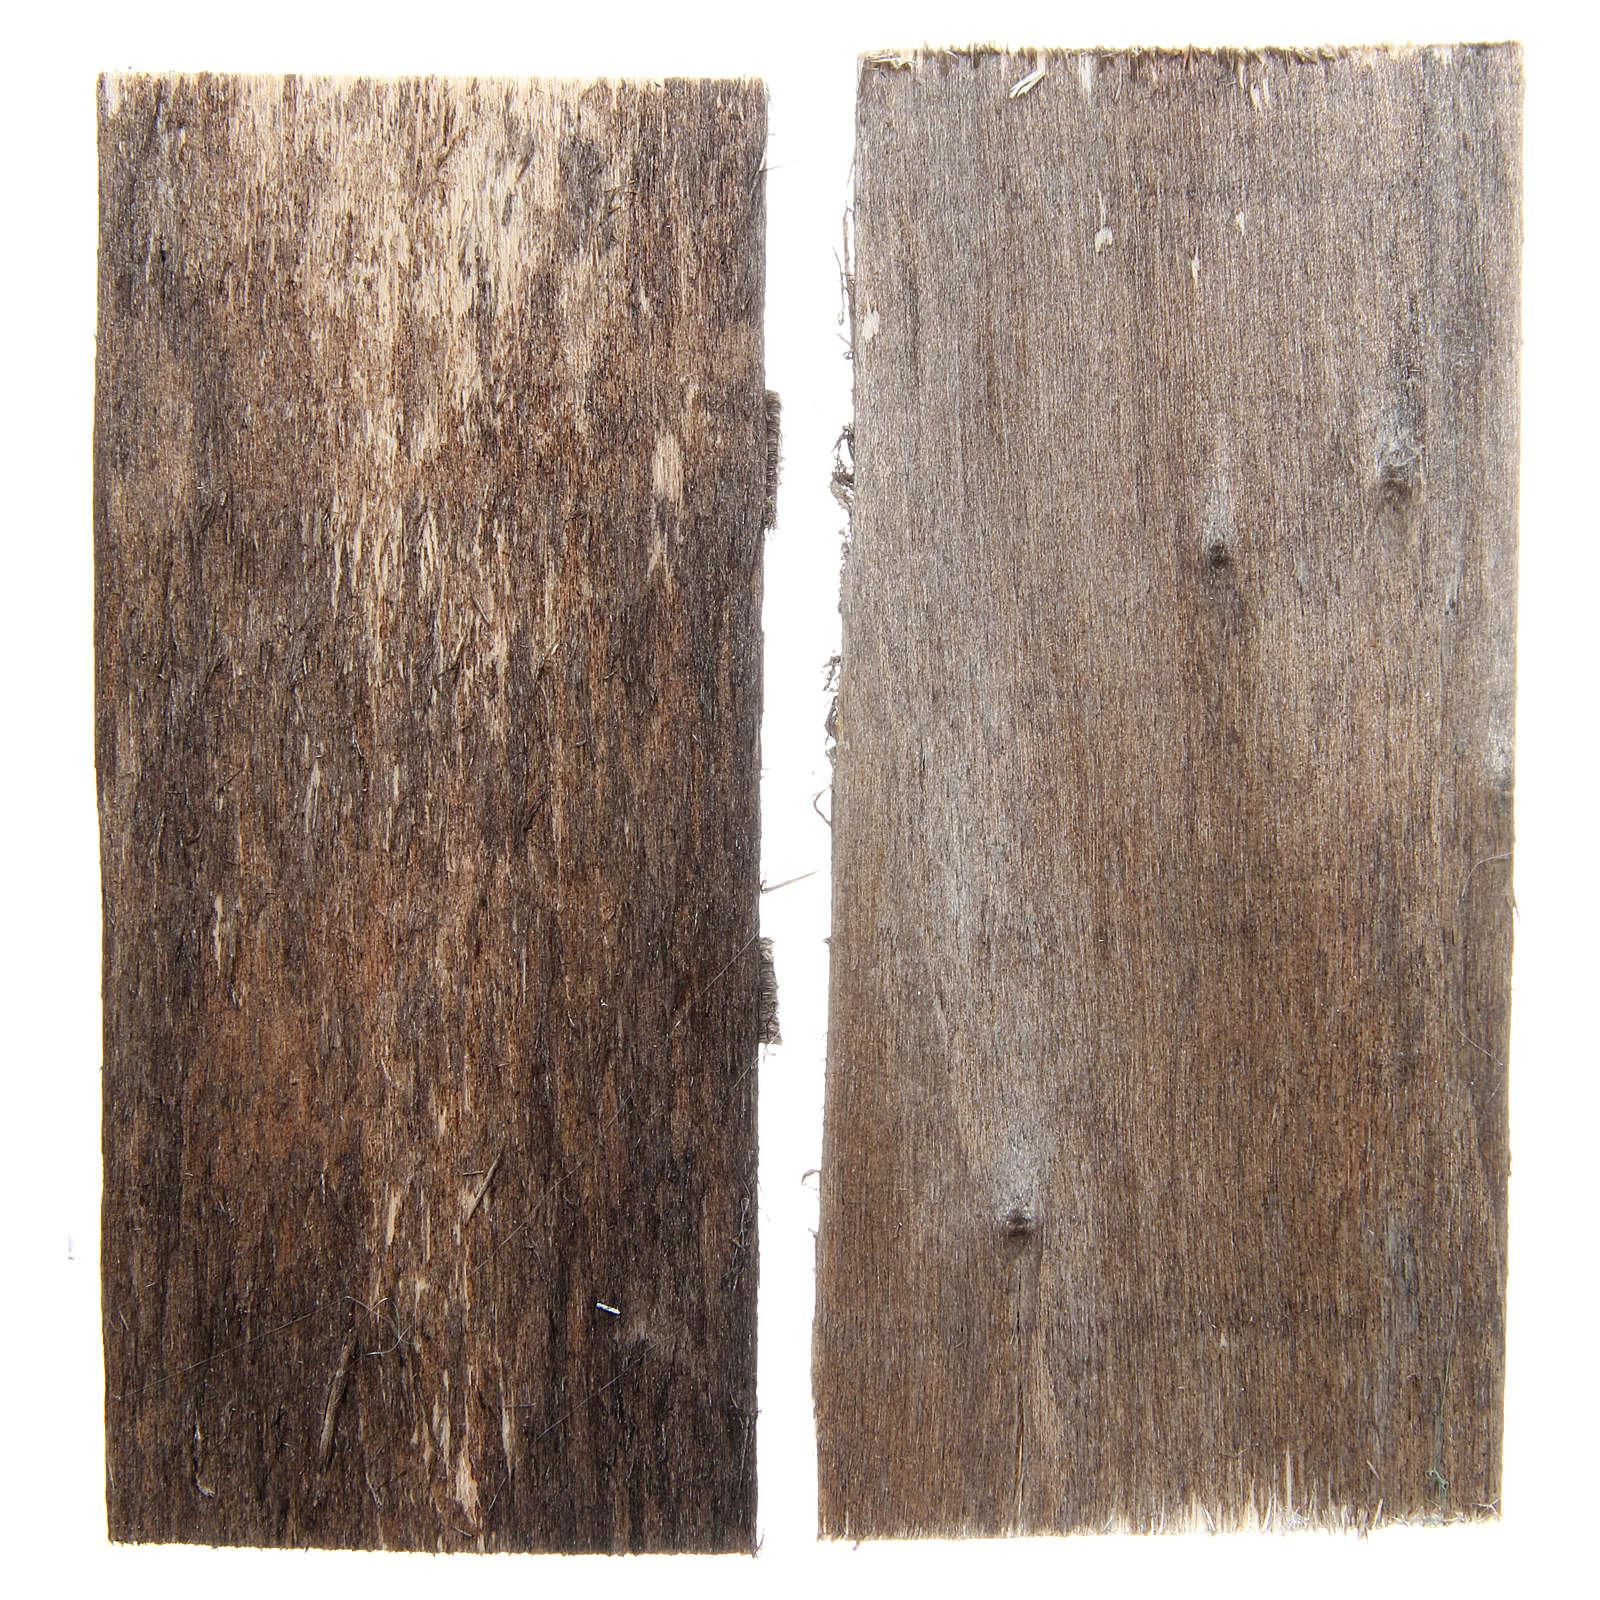 Puerta de madera cm 11,5x5,5 rectangular set 2 piezas 4